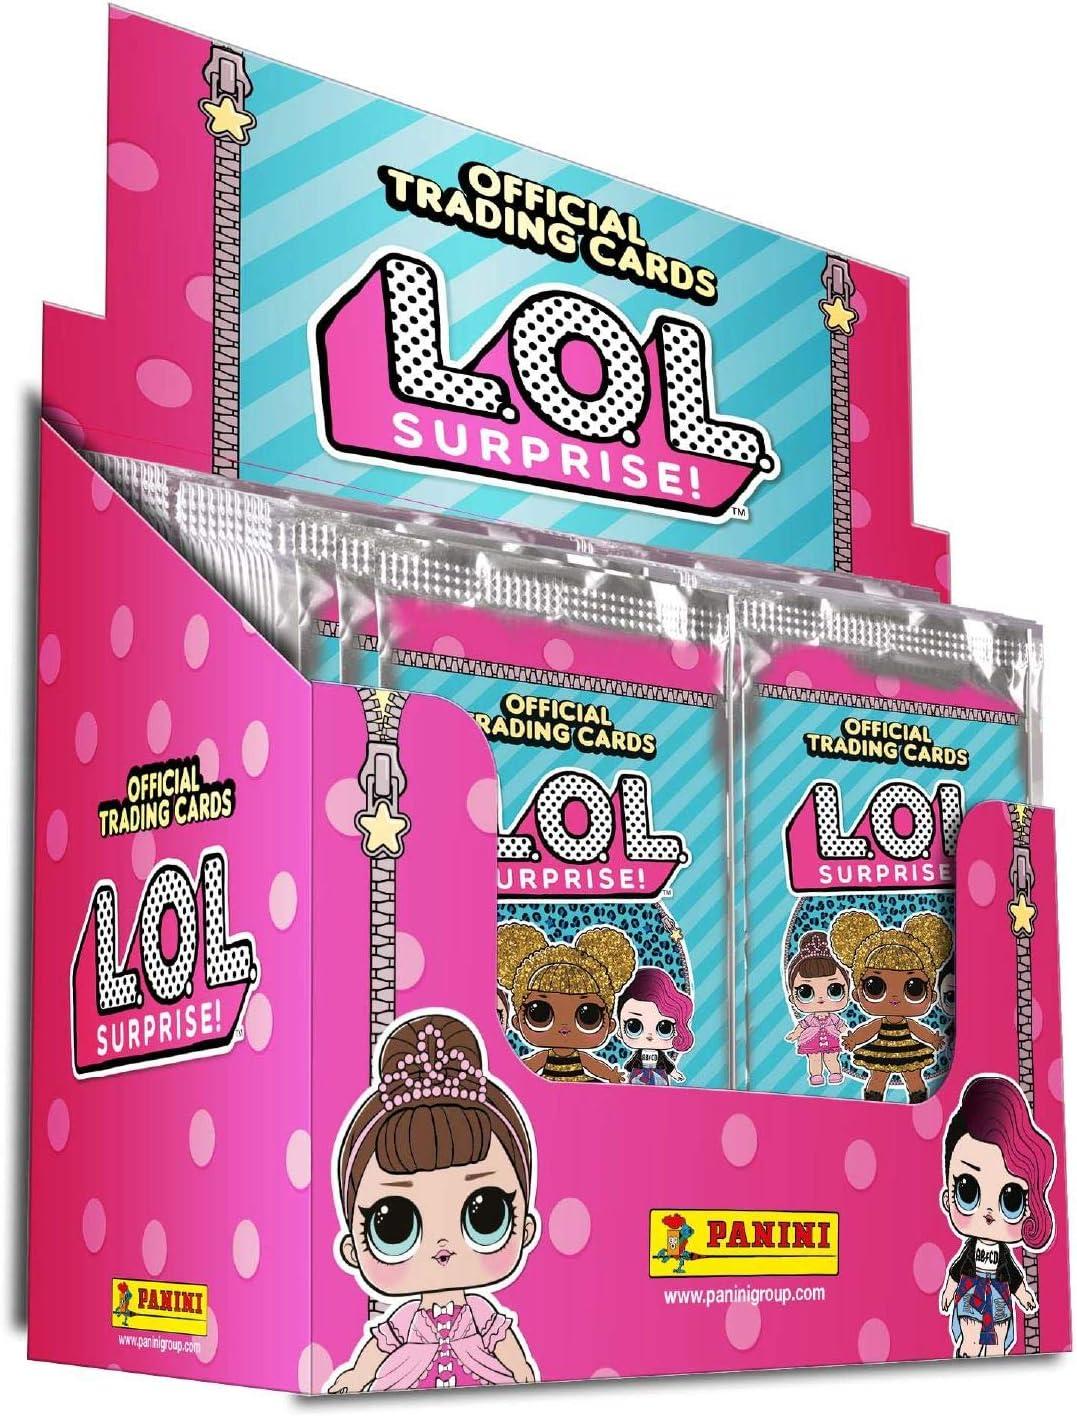 Panini L.O.L Surprise Colección de Tarjetas de Comercio Full Booster Box 50 Packs SUMINISTRADOS: Amazon.es: Juguetes y juegos